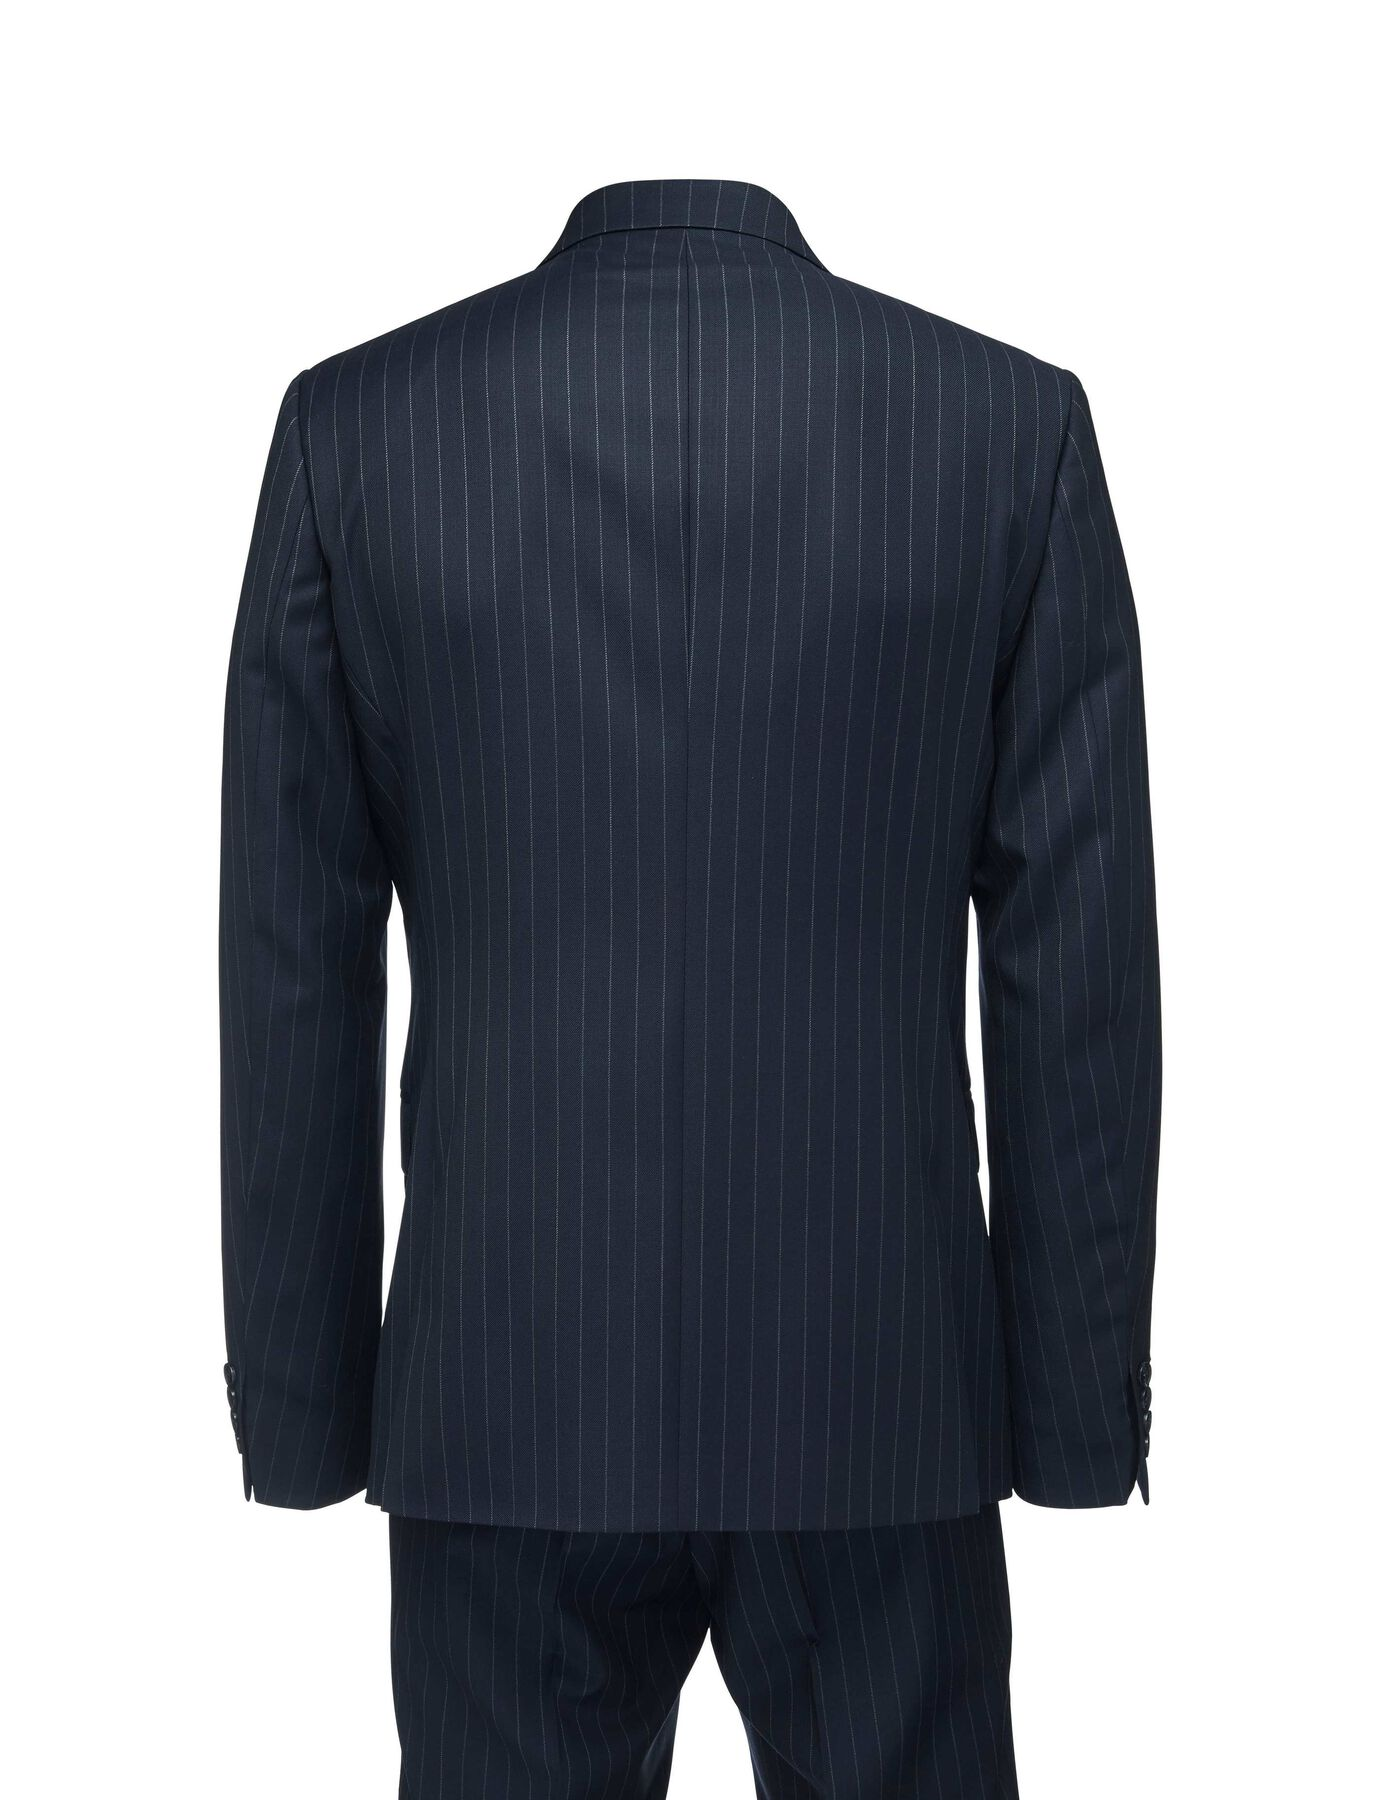 Gekko suit